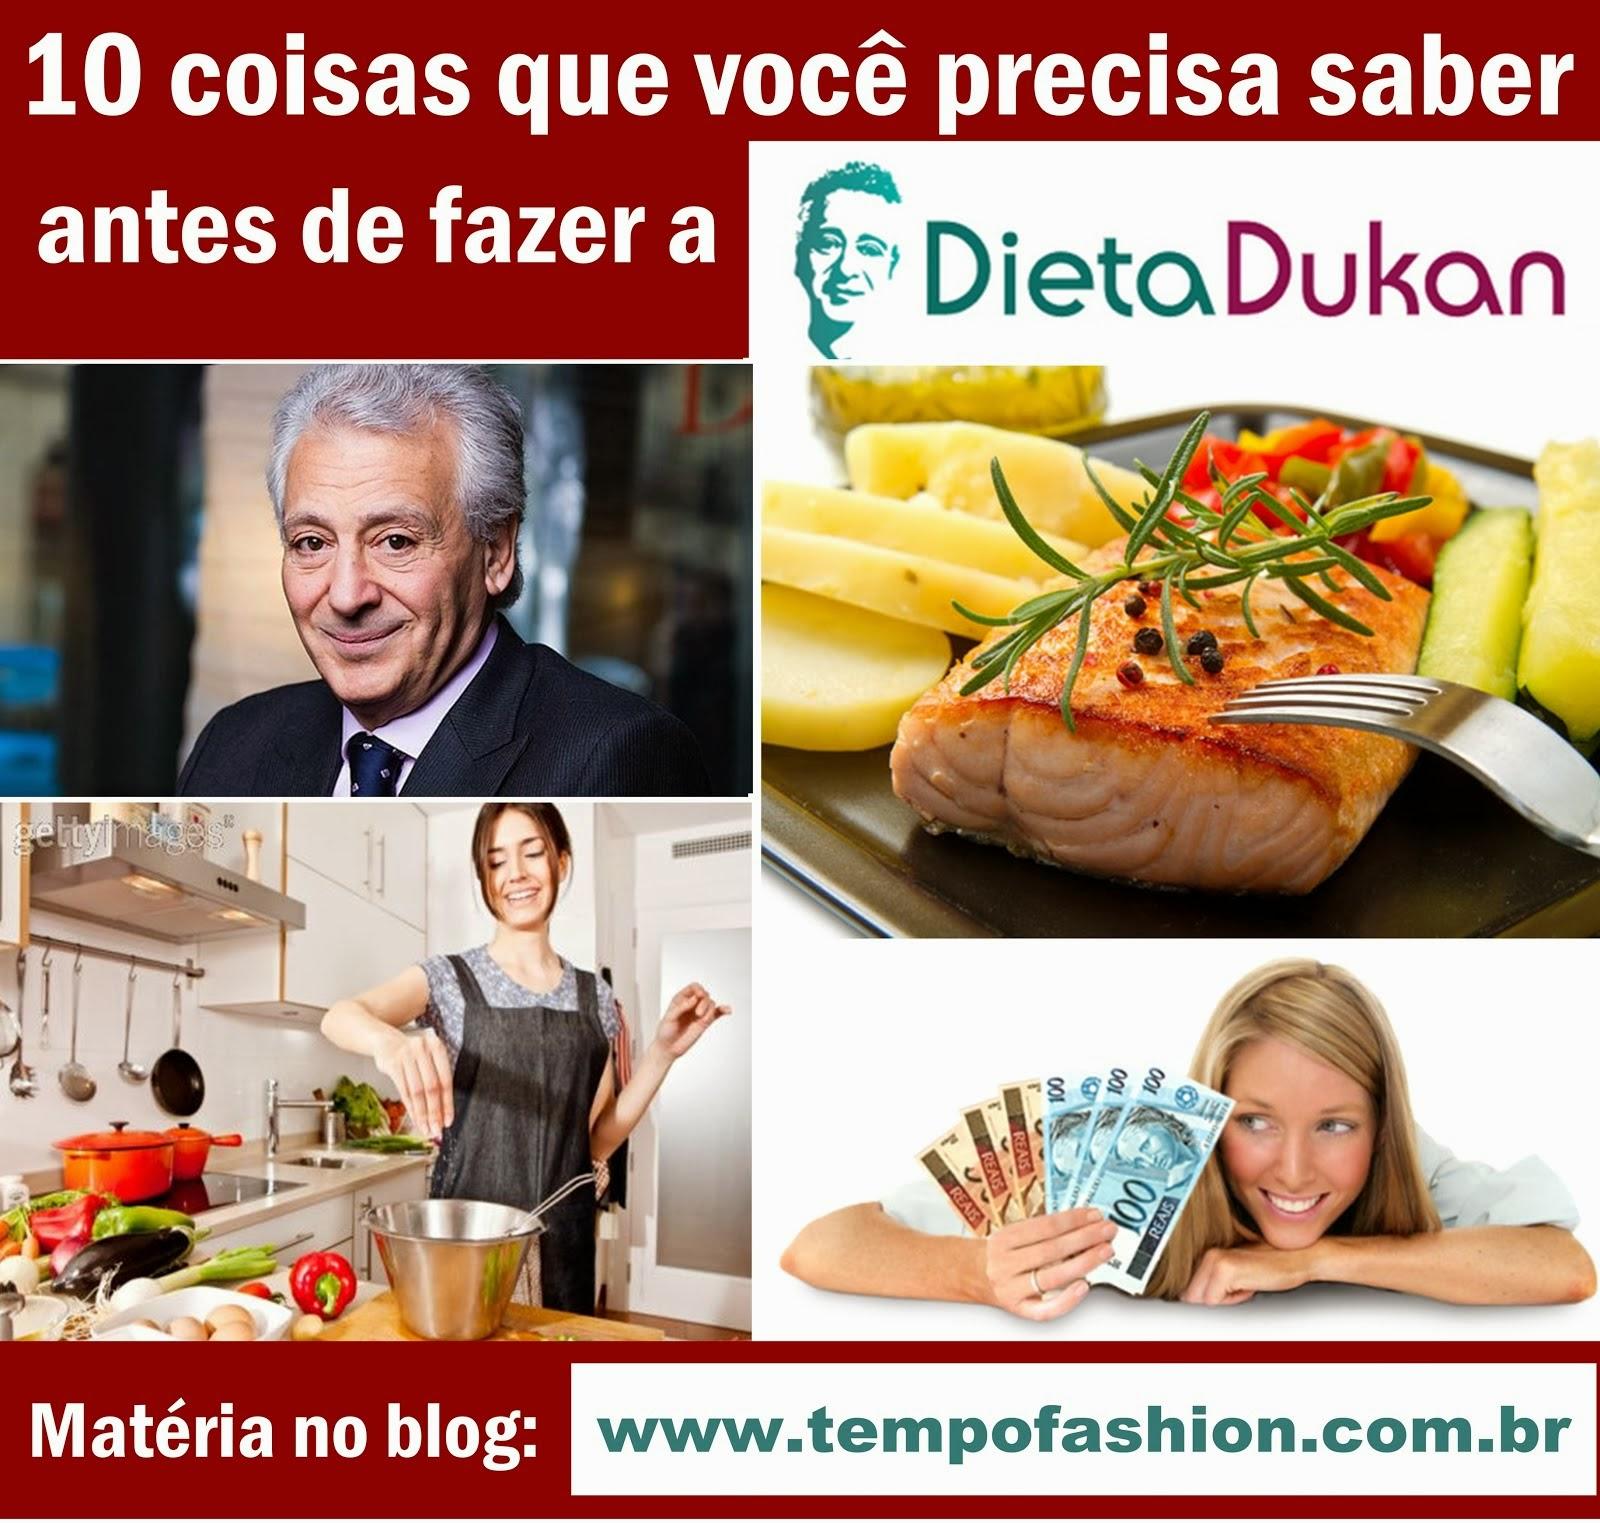 Dieta Dukan - se informe